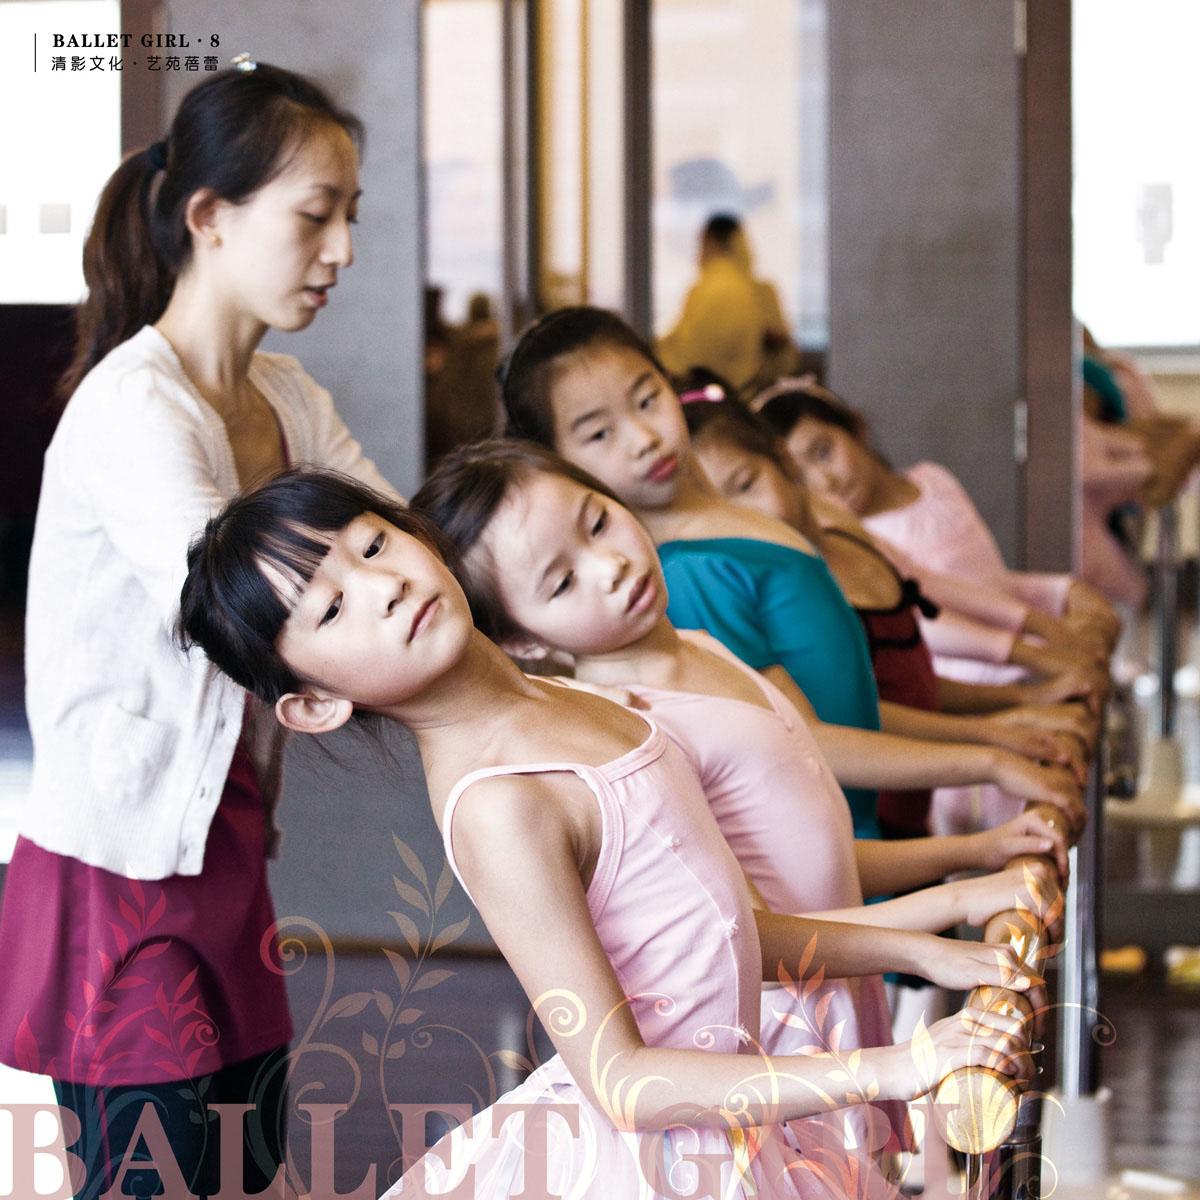 进行芭蕾舞基础知识教育;训练芭蕾舞基本功